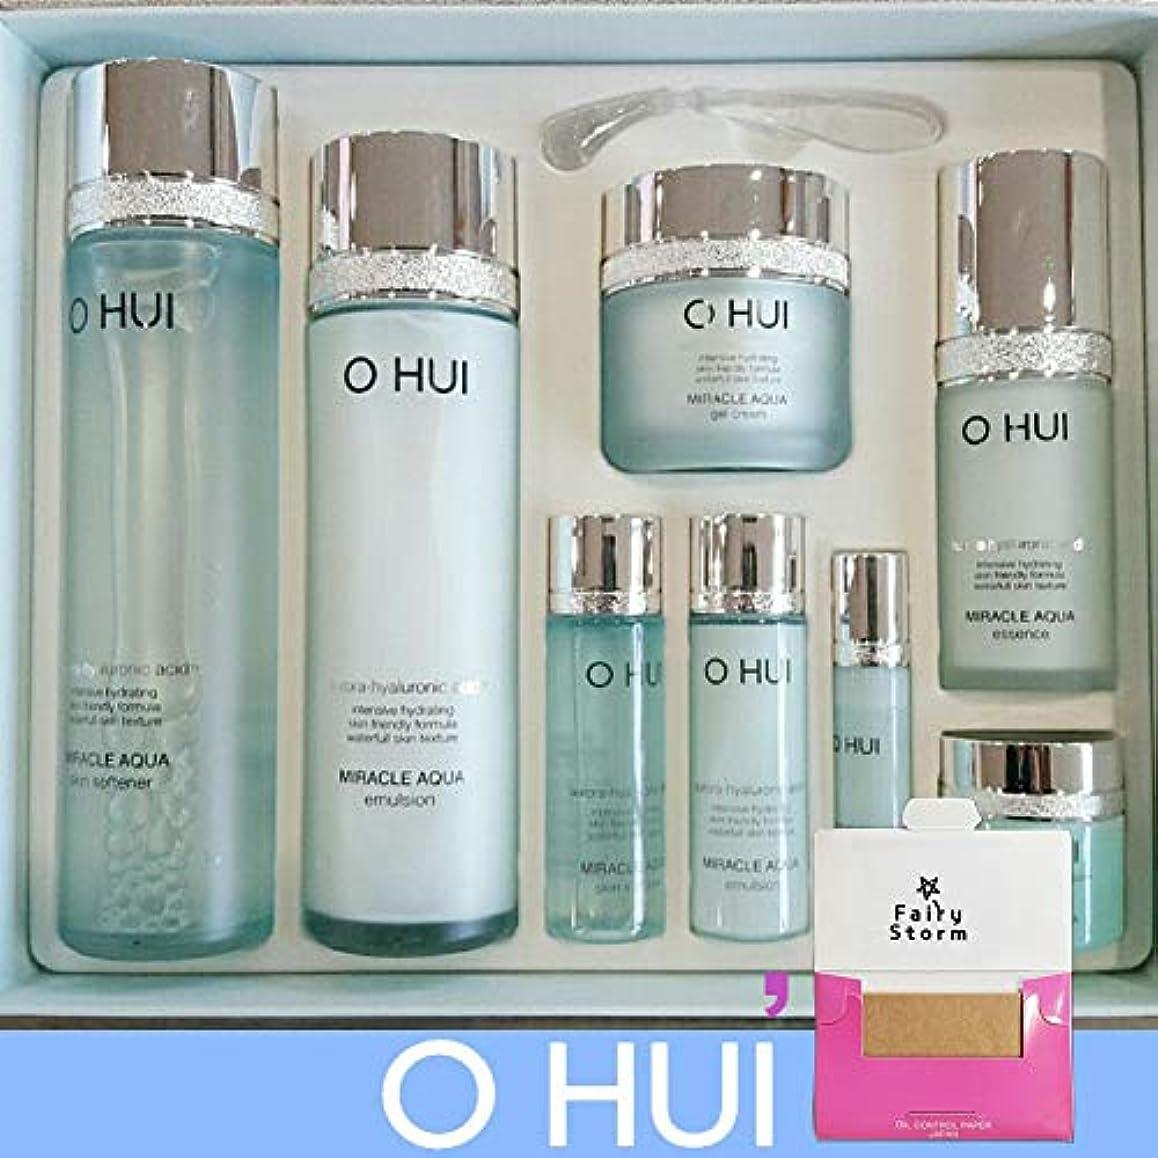 混乱巡礼者行為[オフィ/ O HUI]韓国化粧品 LG生活健康/ O HUI MIRACLE AQUA SPECIAL SET/ミラクル アクア 4種セット  + [Sample Gift](海外直送品)